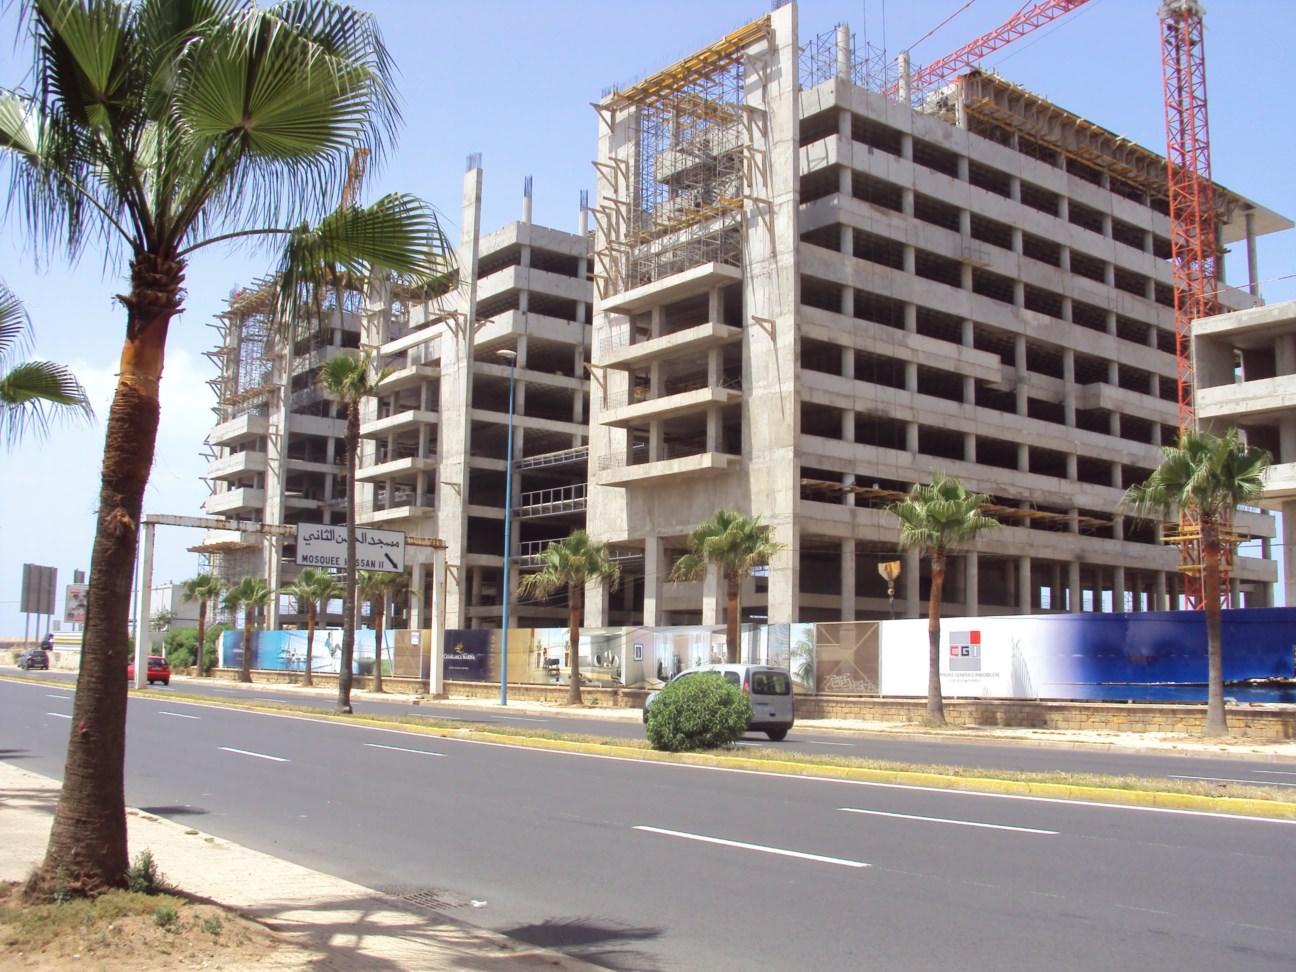 Clădiri noi în construcție